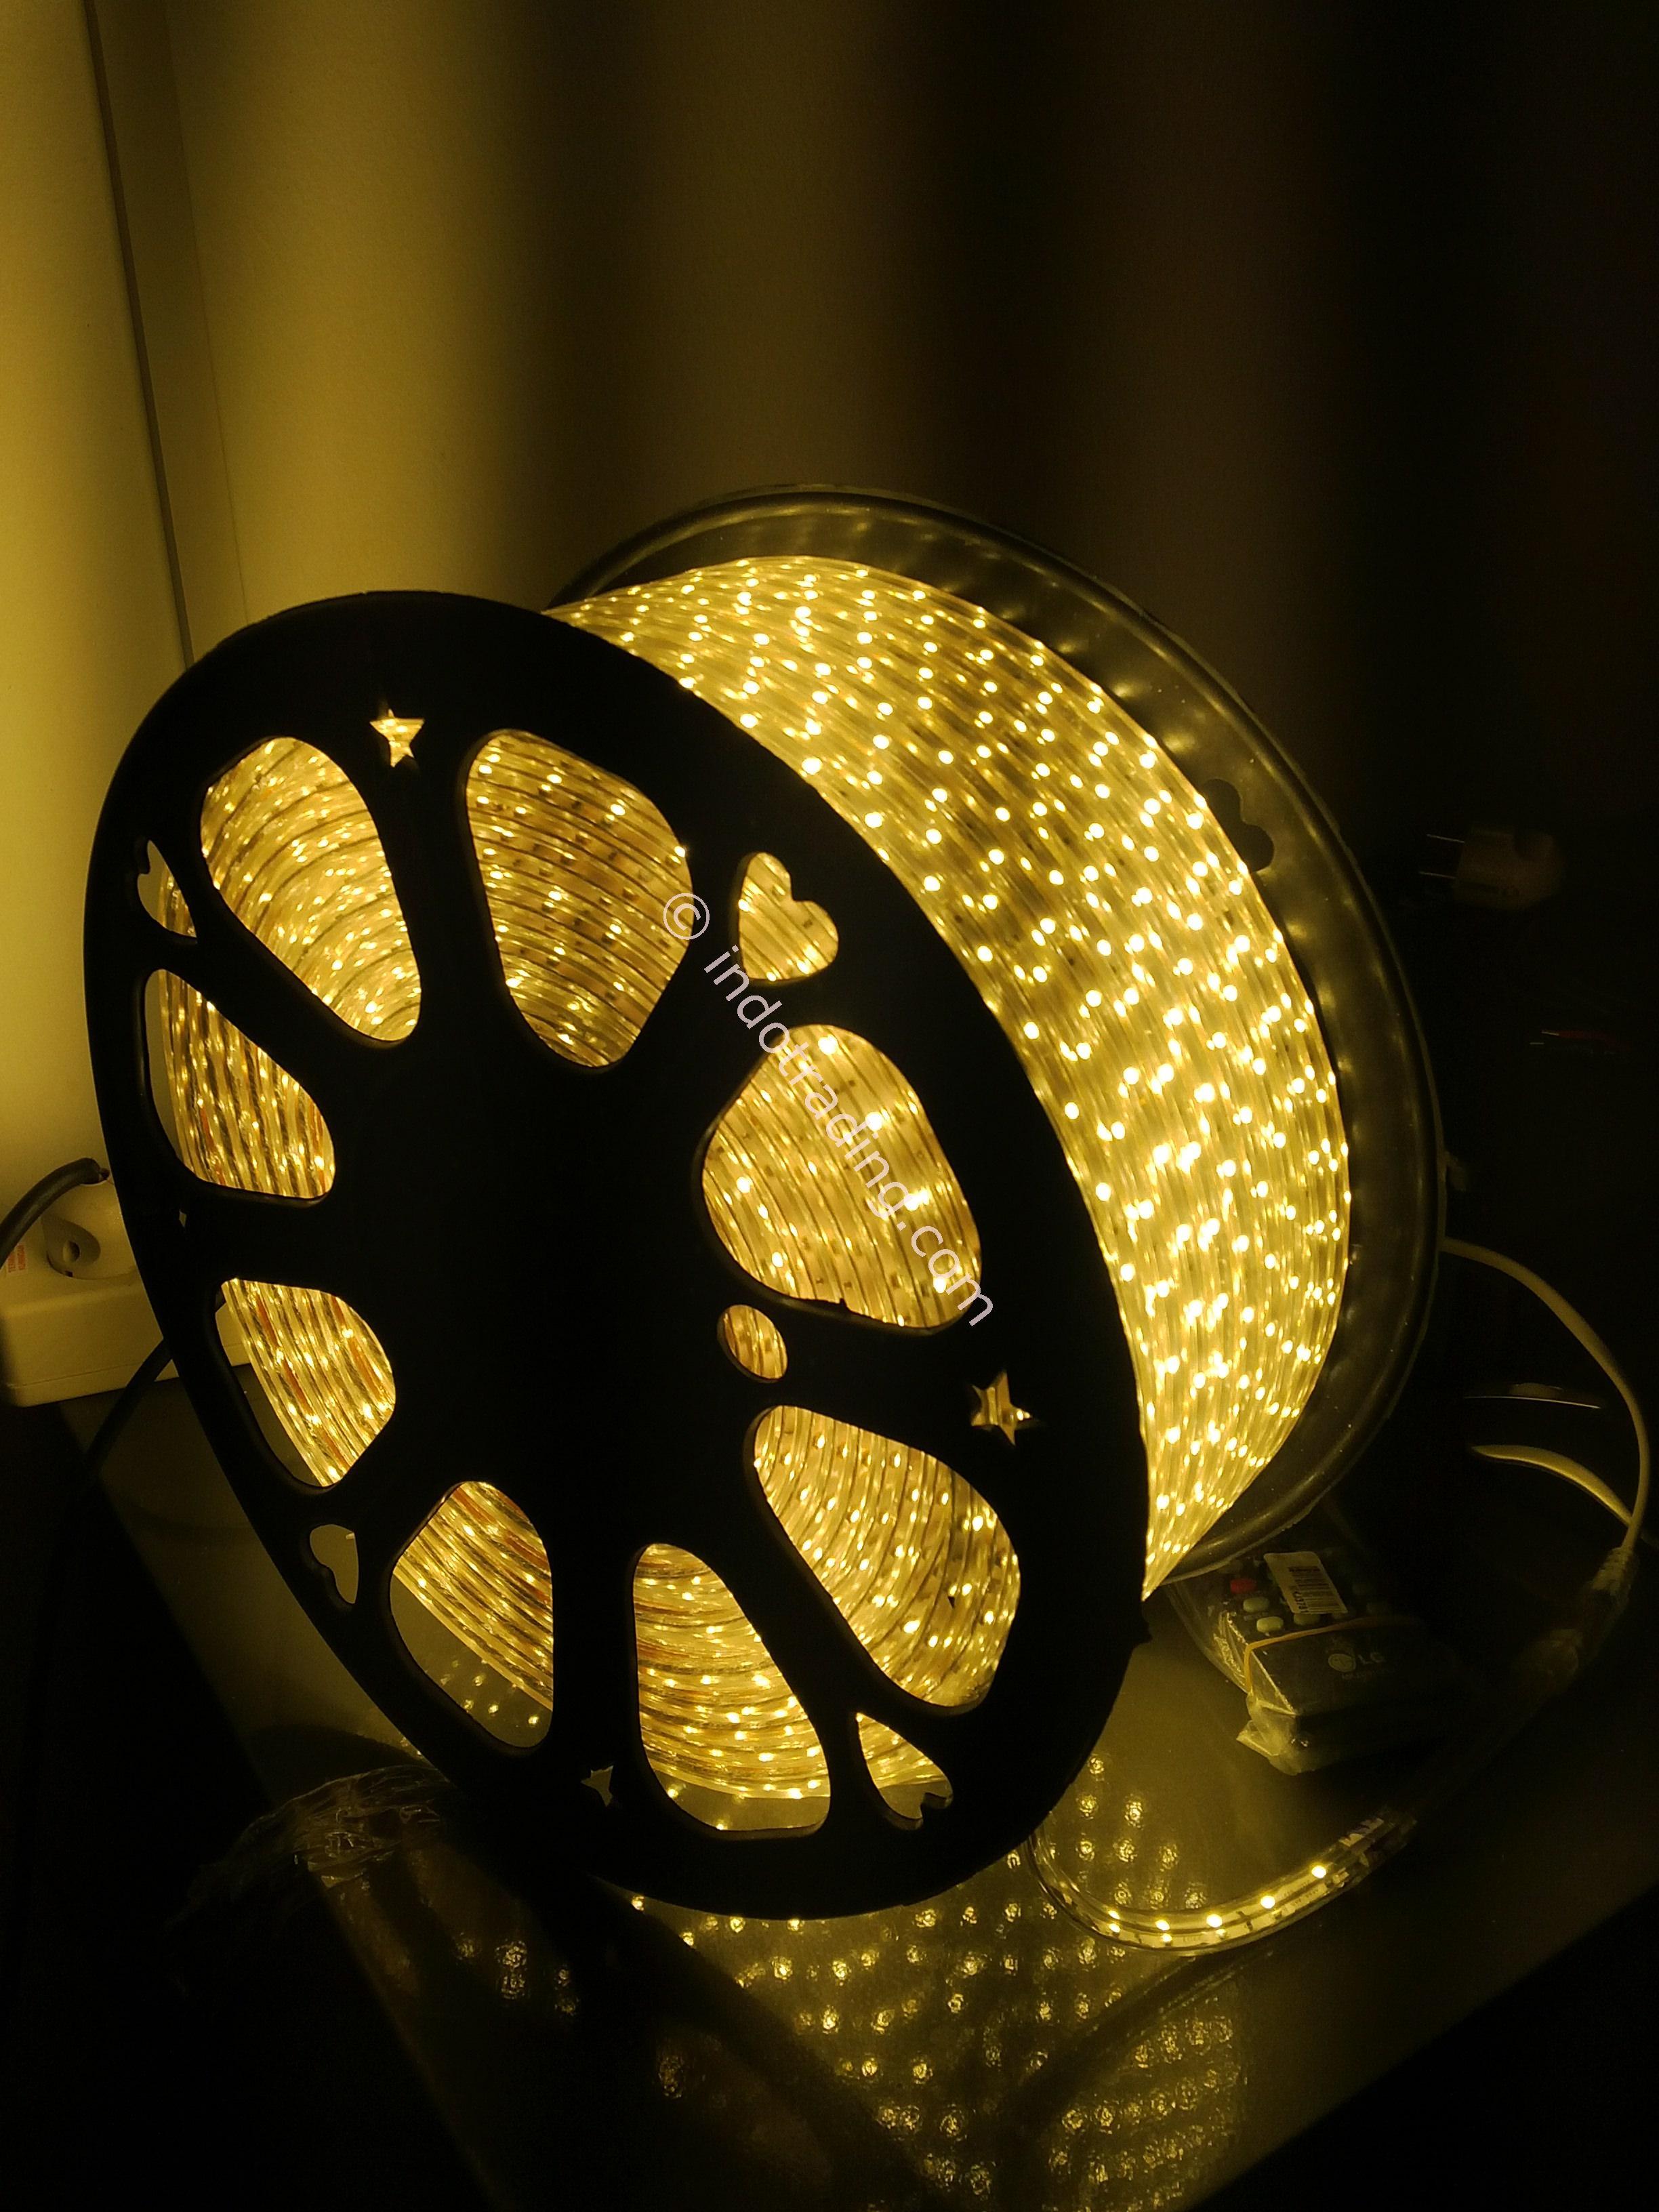 Jual Led String Lights : Jual Oscled Led Flexible Strip Light Smd 3528 Rope Light Harga Murah Jakarta oleh PT Oscar ...